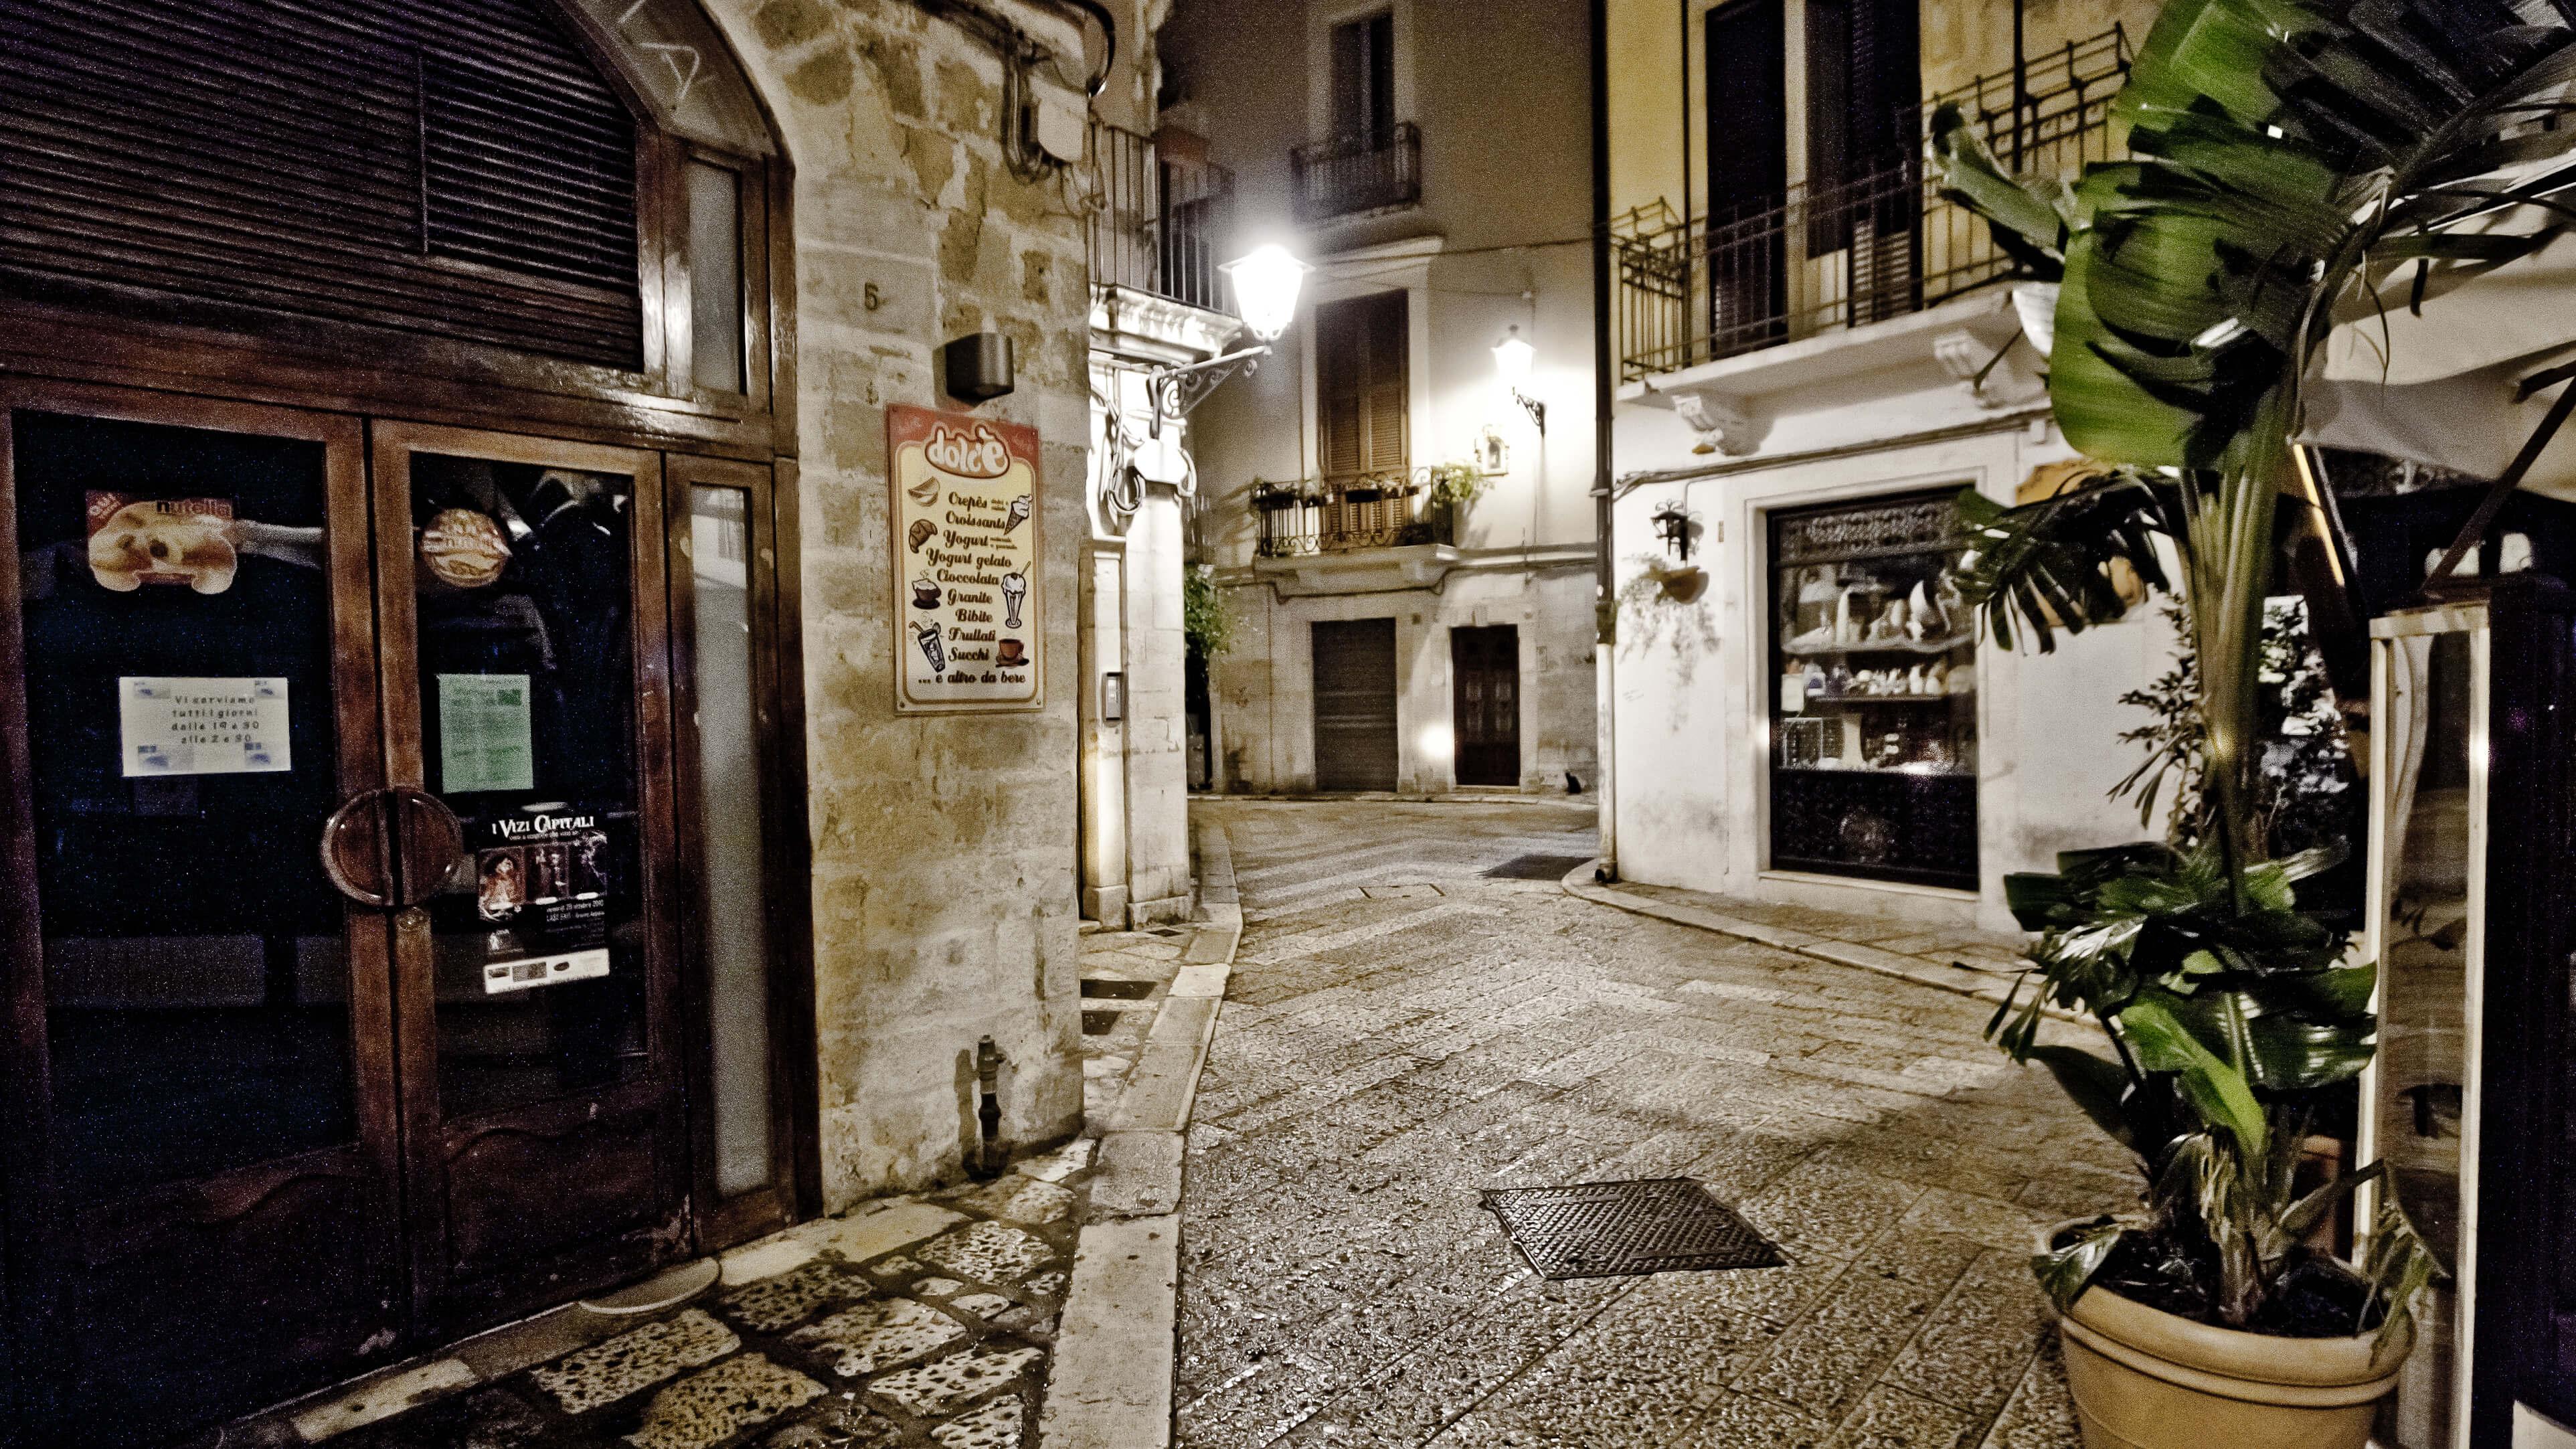 Cheap flights to Lamezia Terme